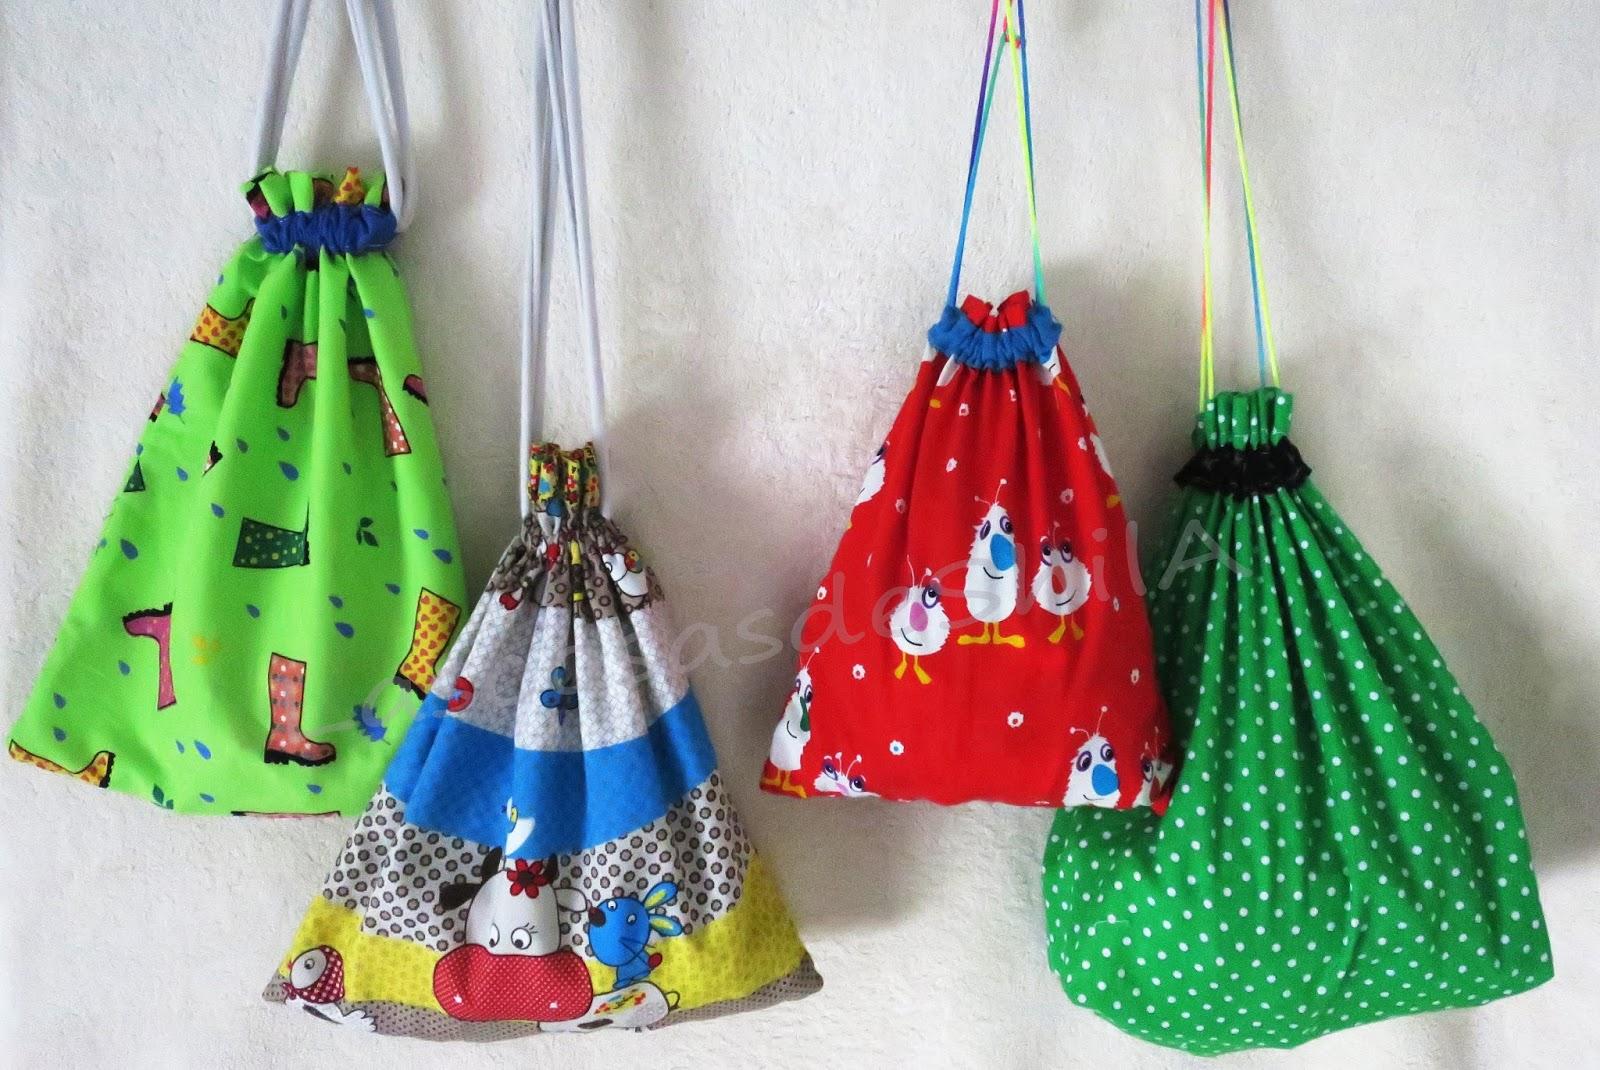 bolsas de tela para ninos